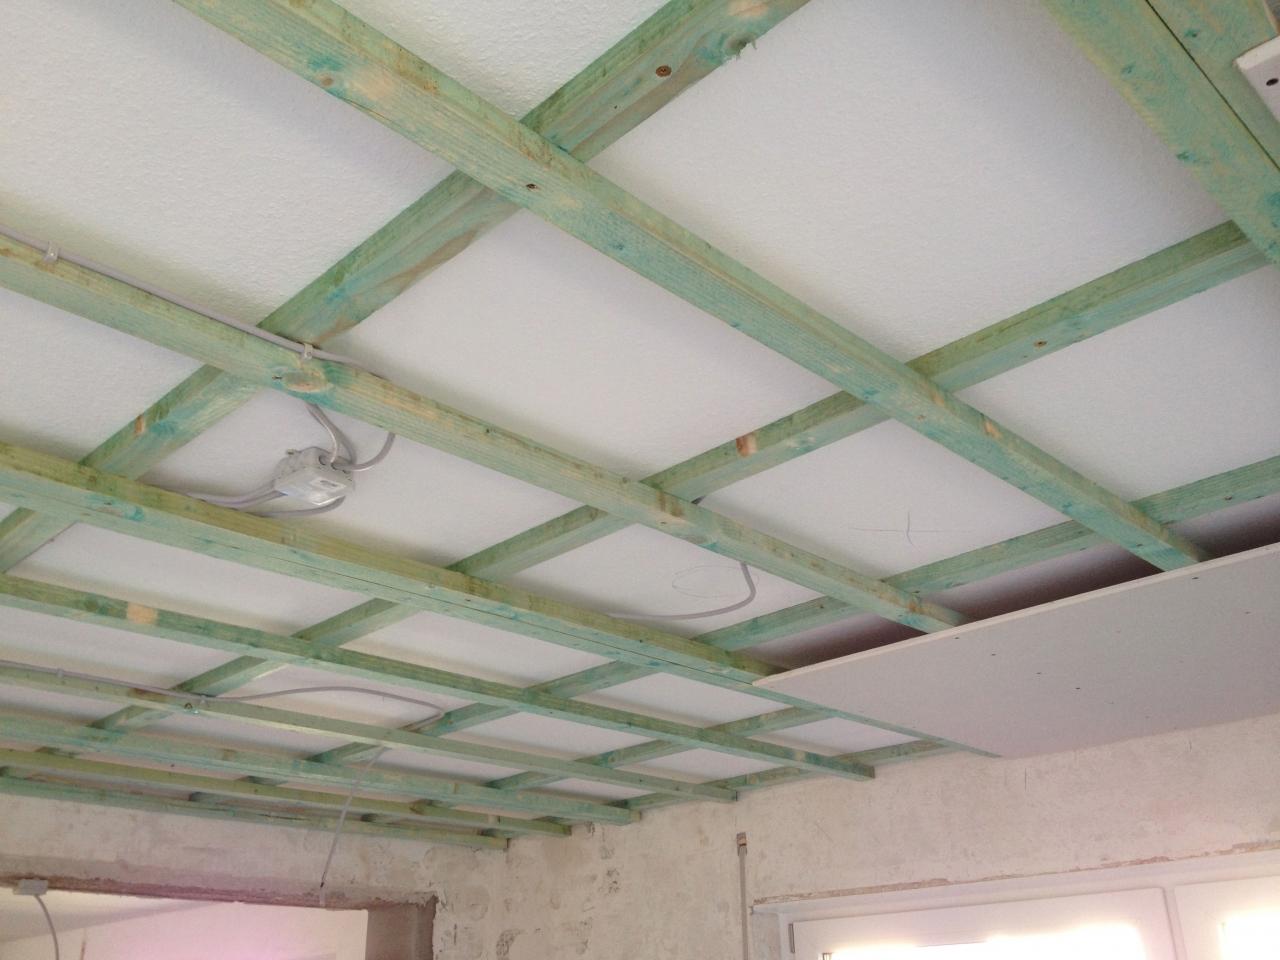 wohnzimmerdecke abhängen und lichtinstallation - bauanleitung zum